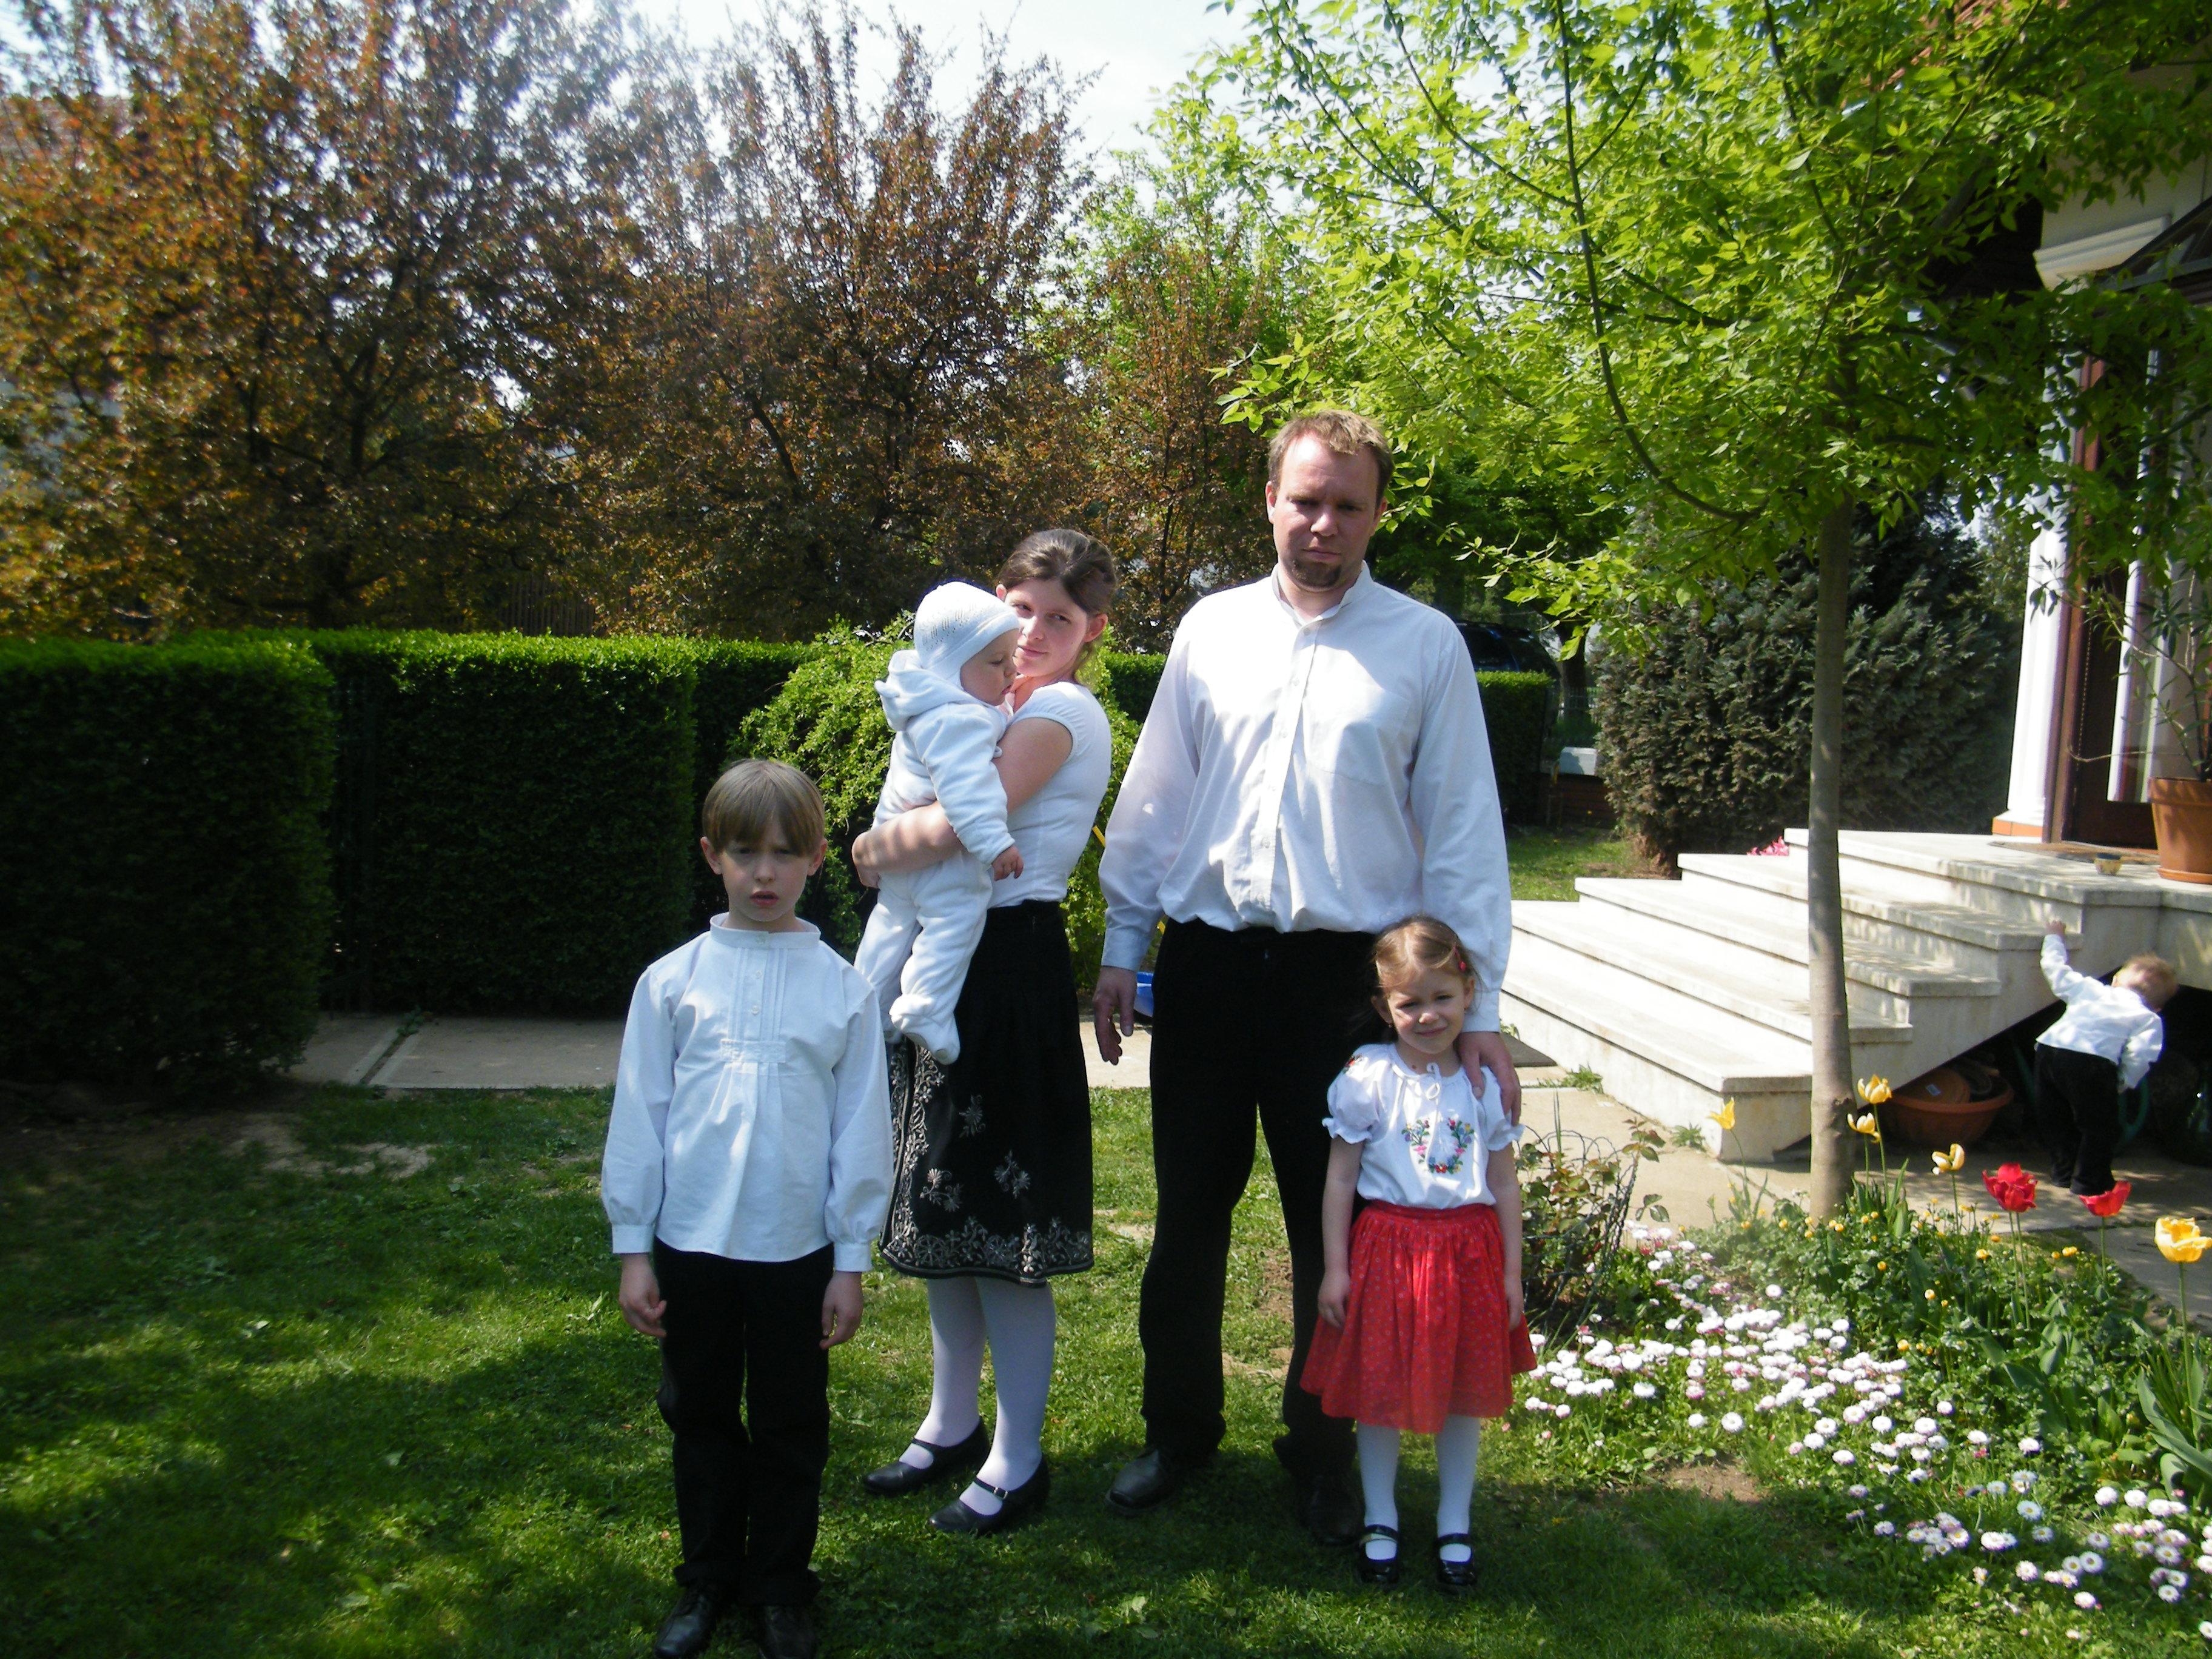 kulcsar gergely és 4 gyermeke